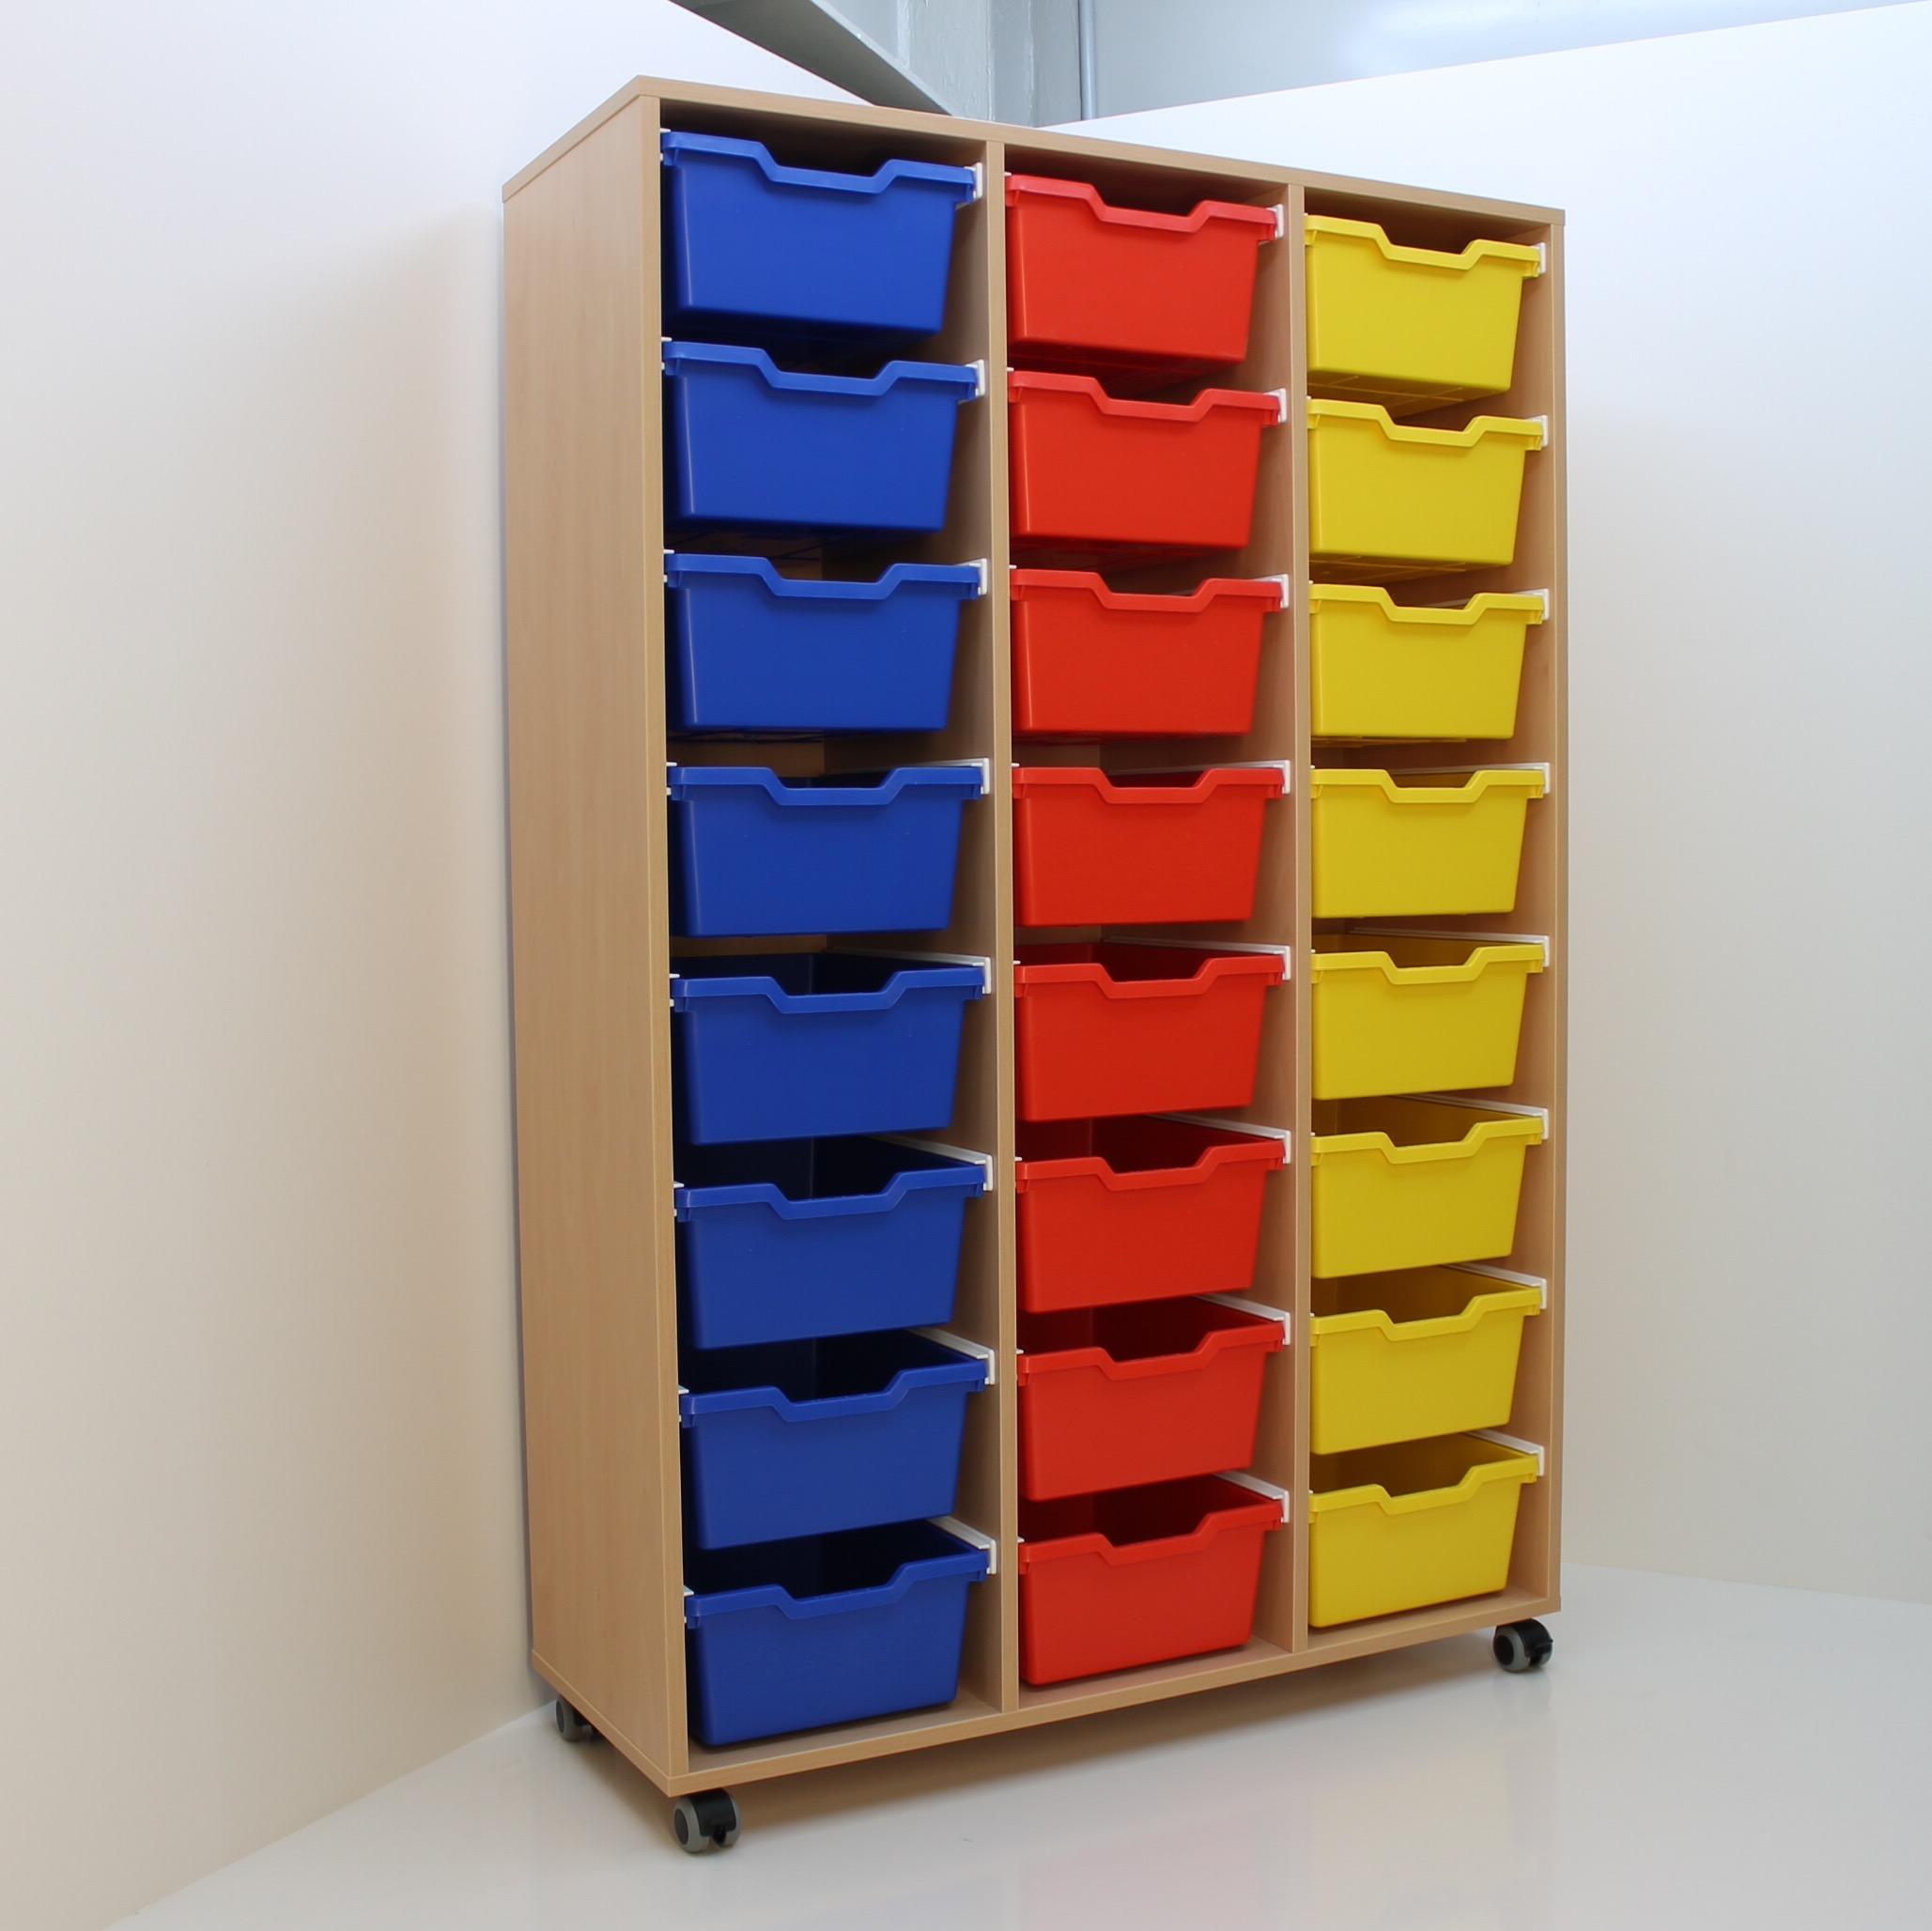 Materialkastenschrank Für 24 Kunststoff Boxen Bxhxt 1055x156x40cm